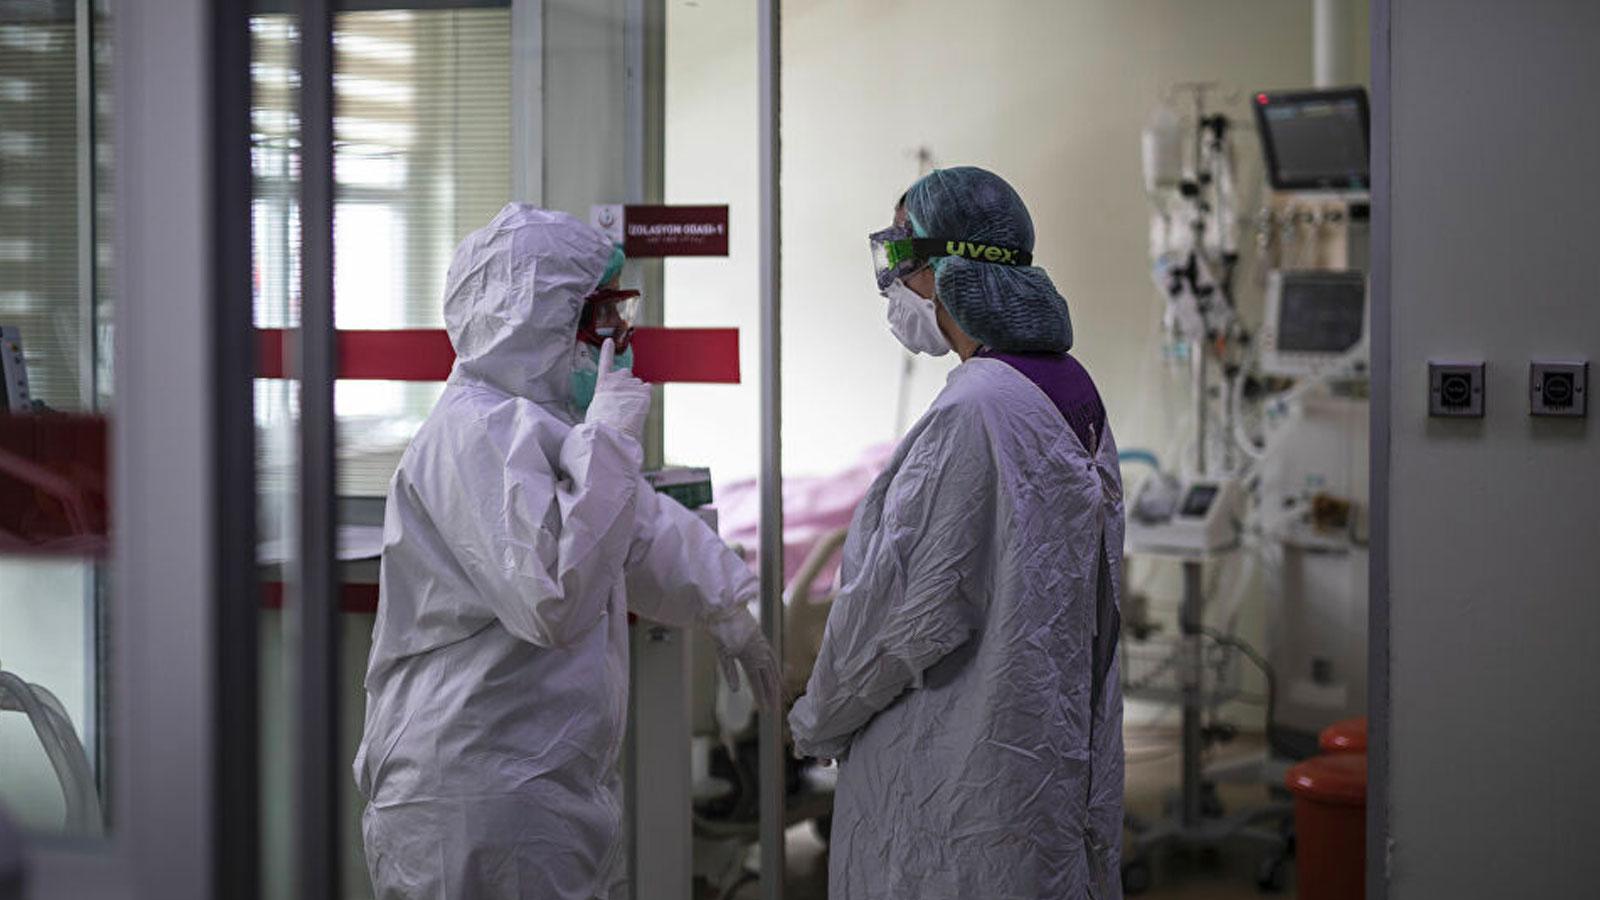 Tunceli'de bakımevinde koronavirüsten 12 kişi öldü, soruşturma başlatıldı